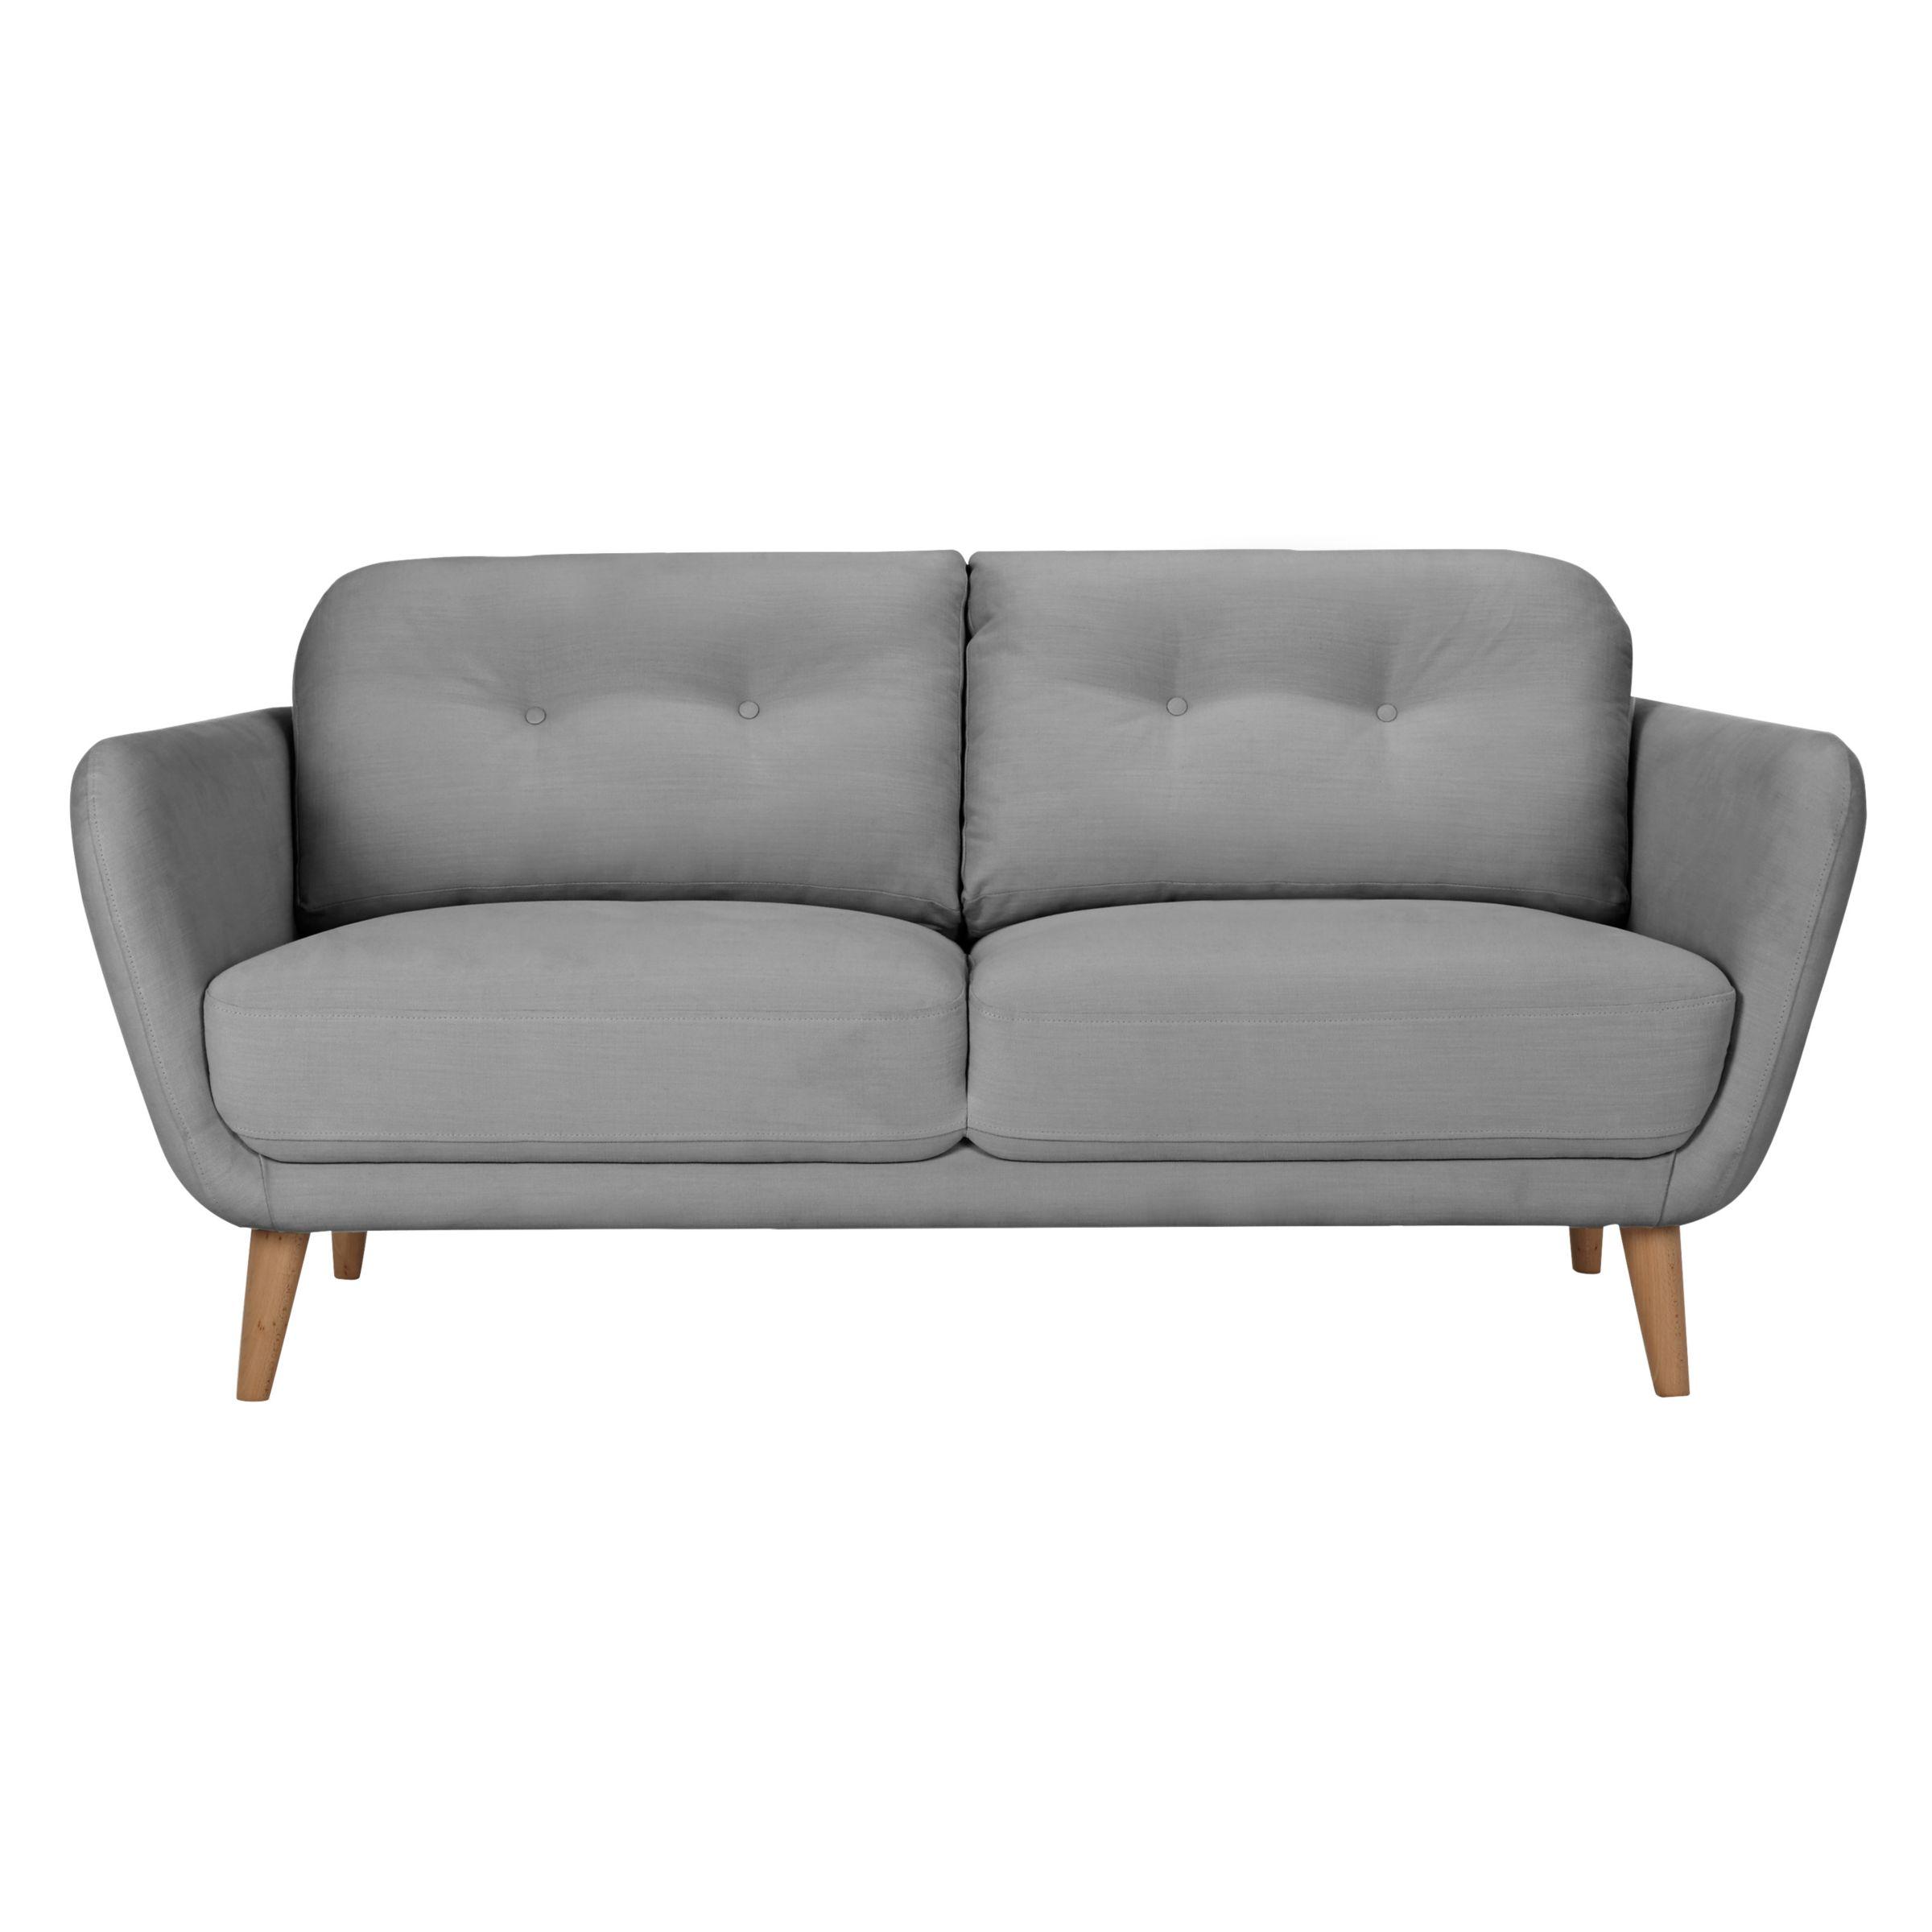 Bailey Sofa Scs Home The Honoroak